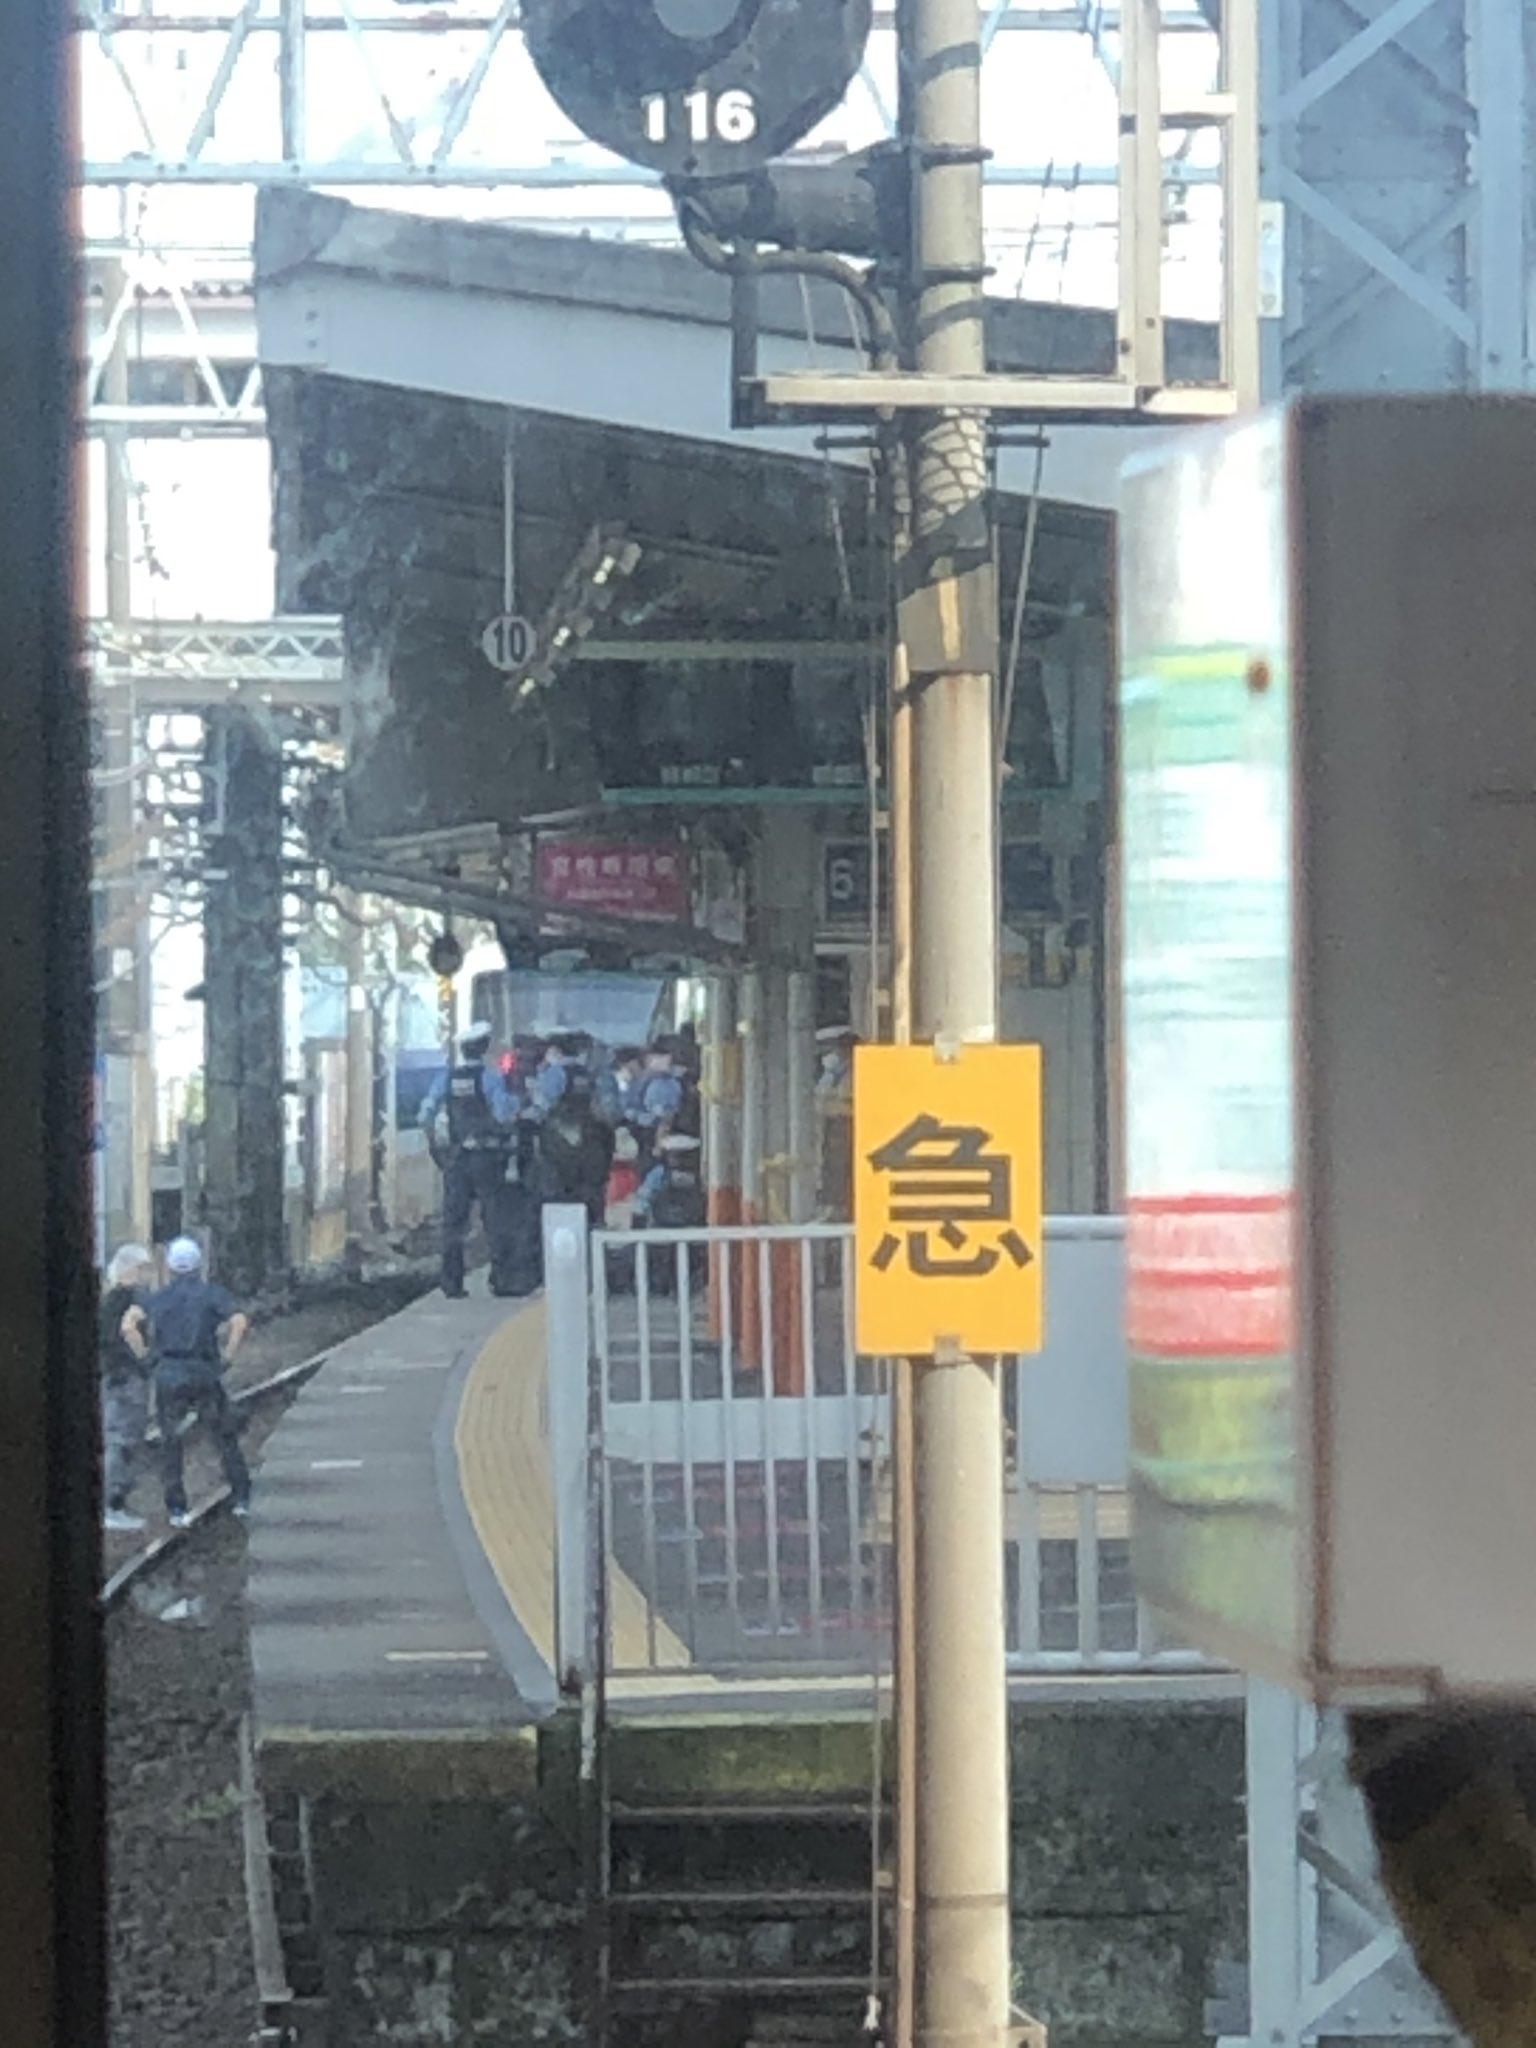 西新井駅の人身事故で現場検証している画像